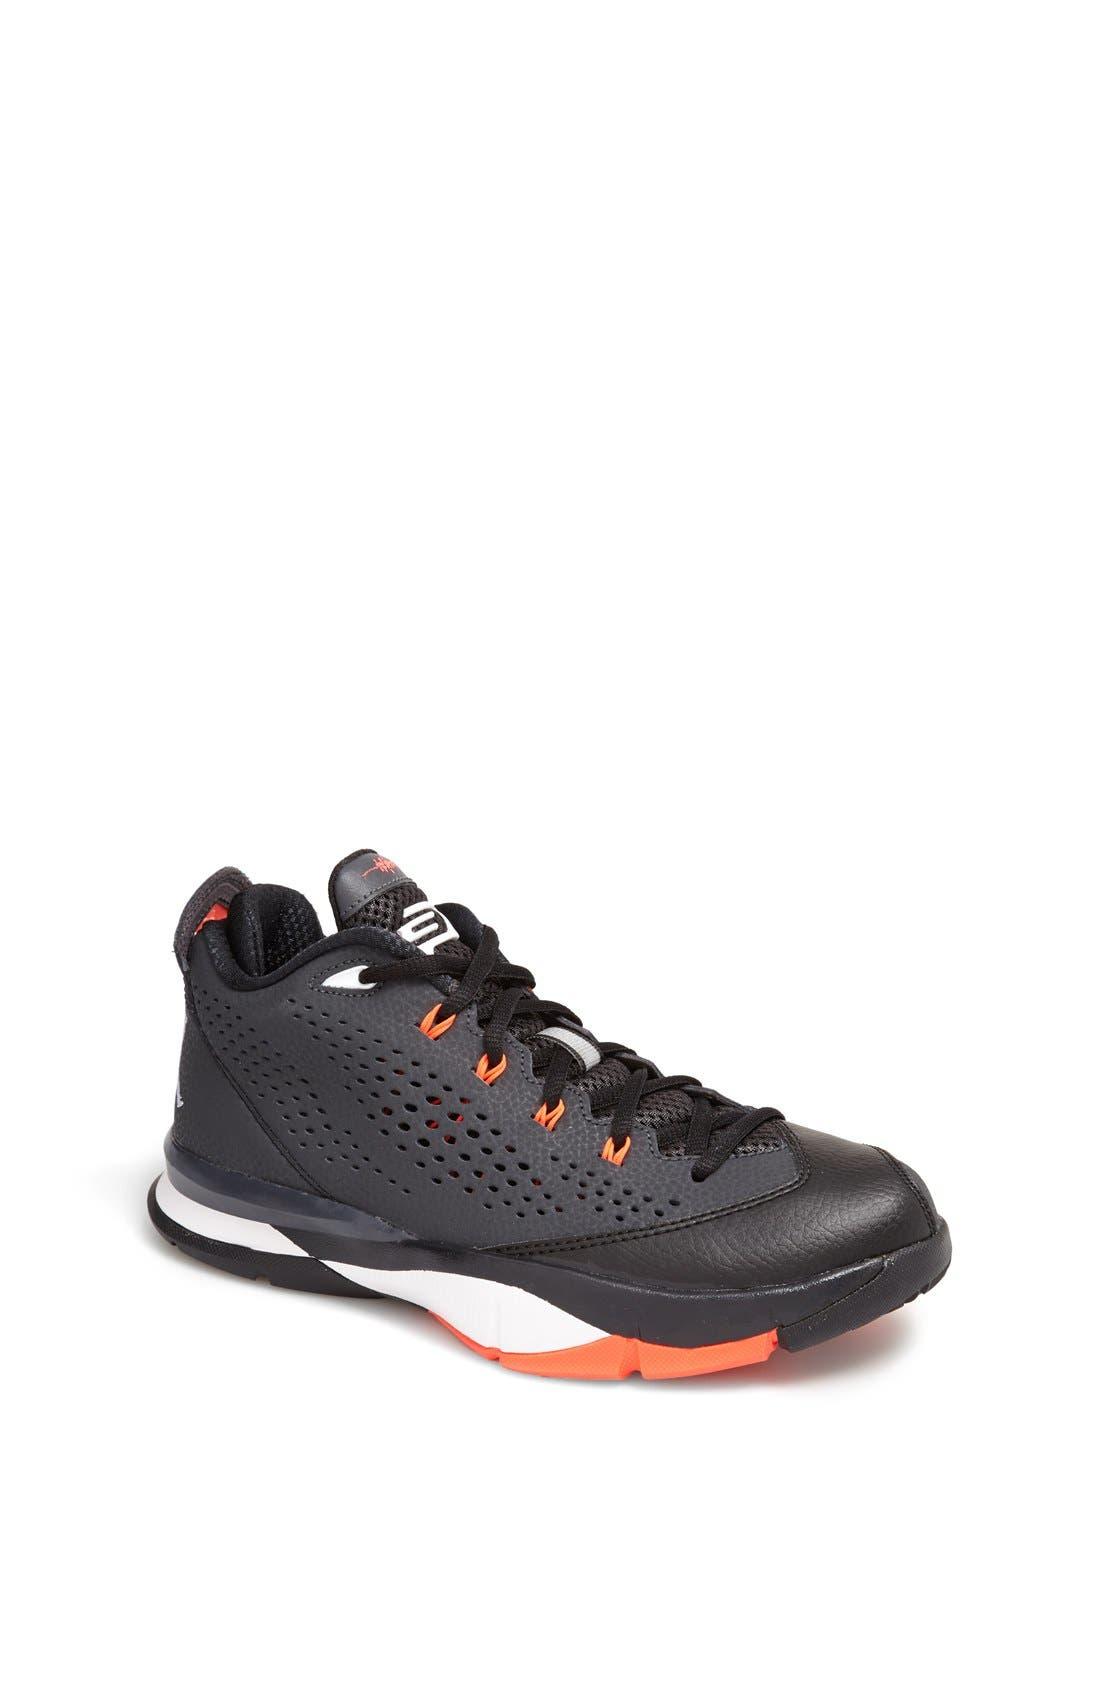 Main Image - Nike 'Jordan CP3.VII' Sneaker (Big Kid)